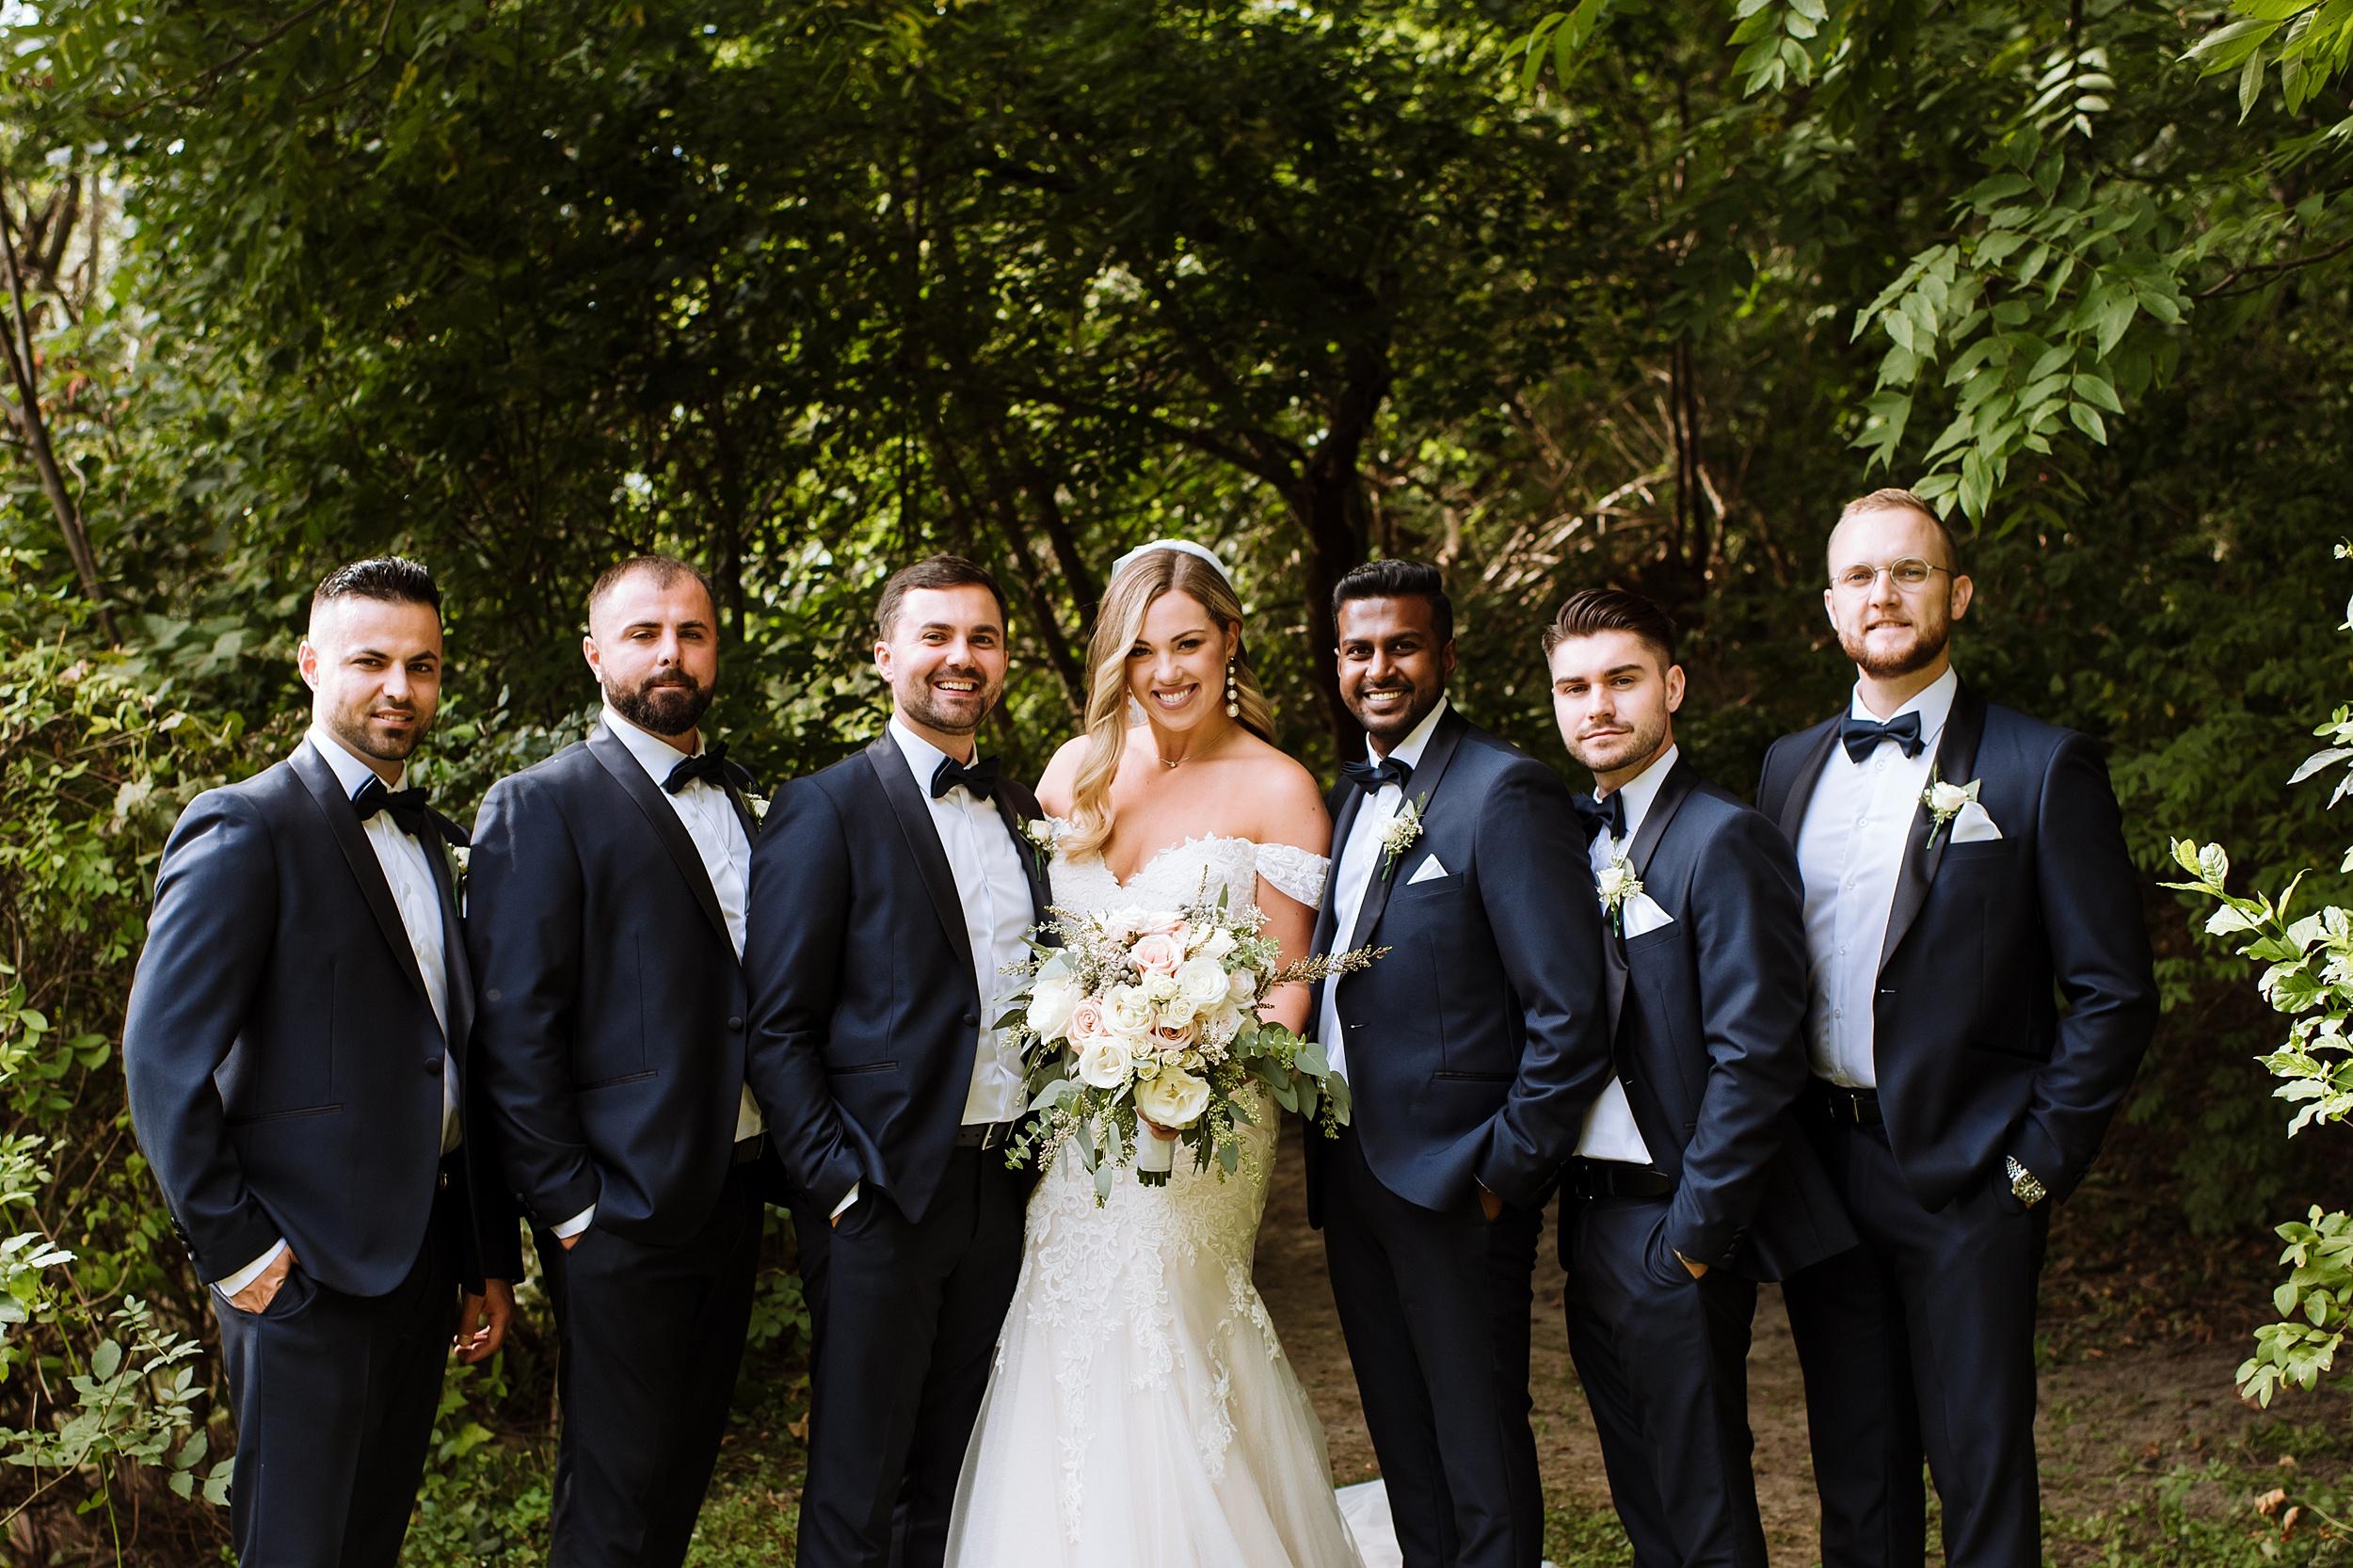 Rustic_Backyard_Wedding_Toronto_Photographer065.jpg